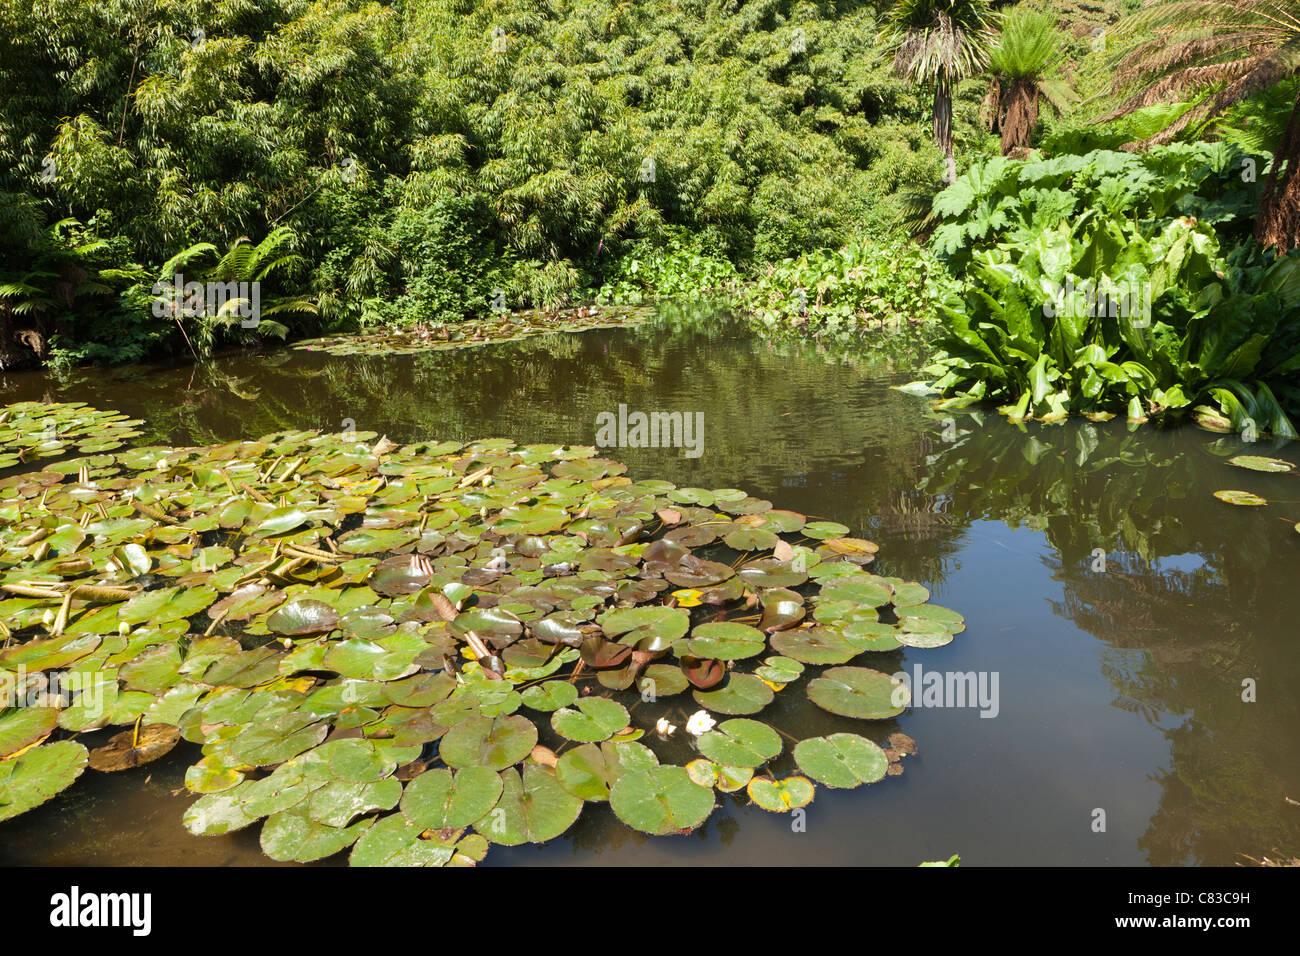 Ein Teich im Dschungel in The verloren Gardens of Heligan, Pentewan, Austell, Cornwall Stockbild